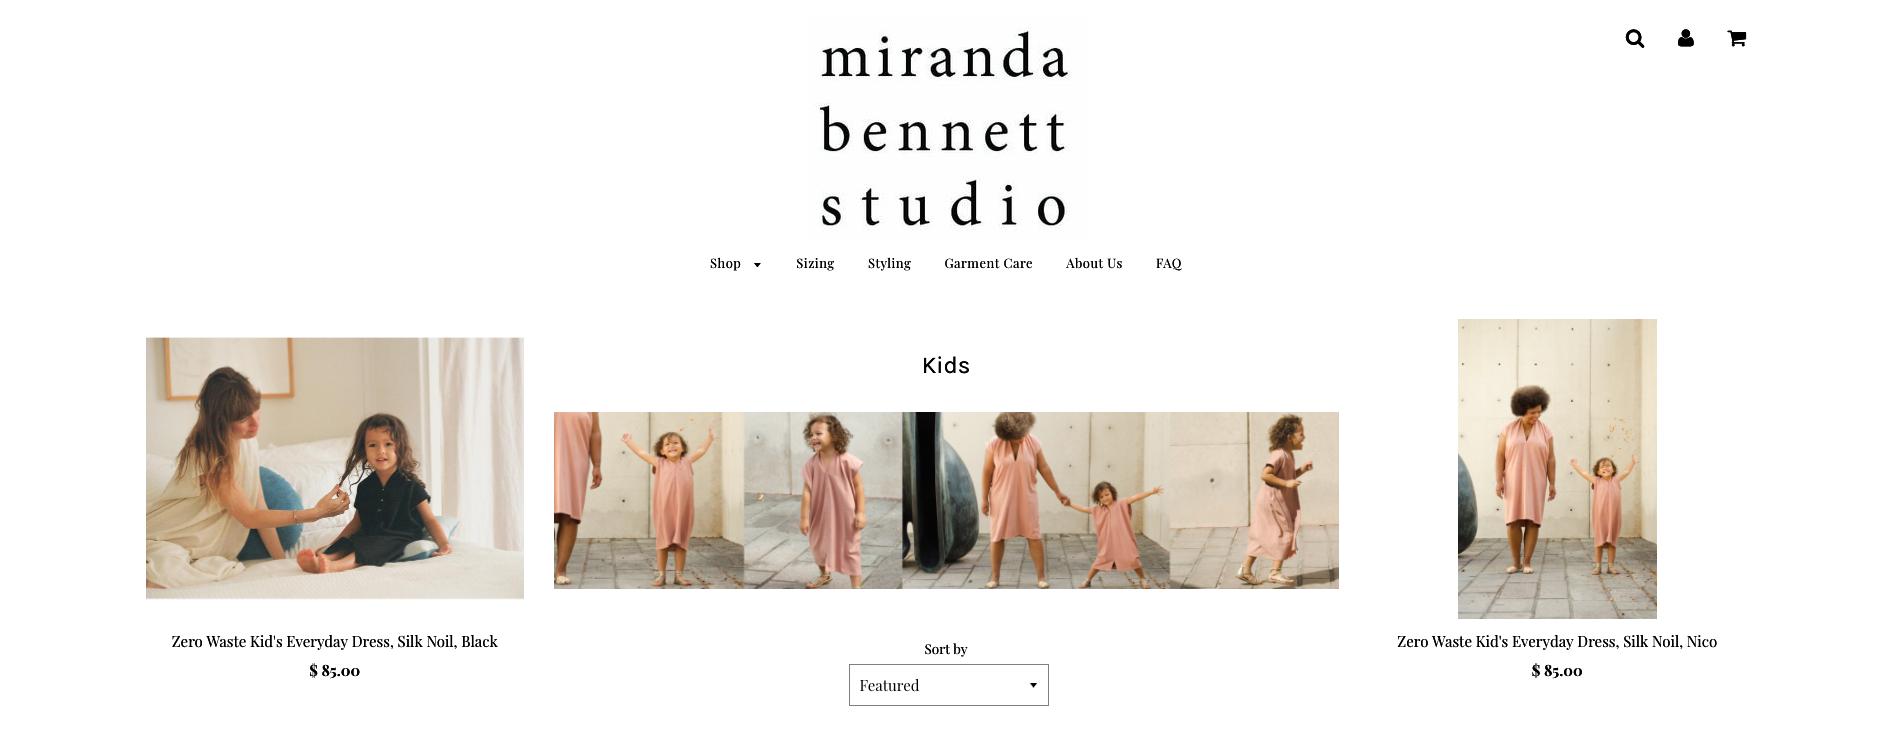 Website Layout for mirandabennett.com